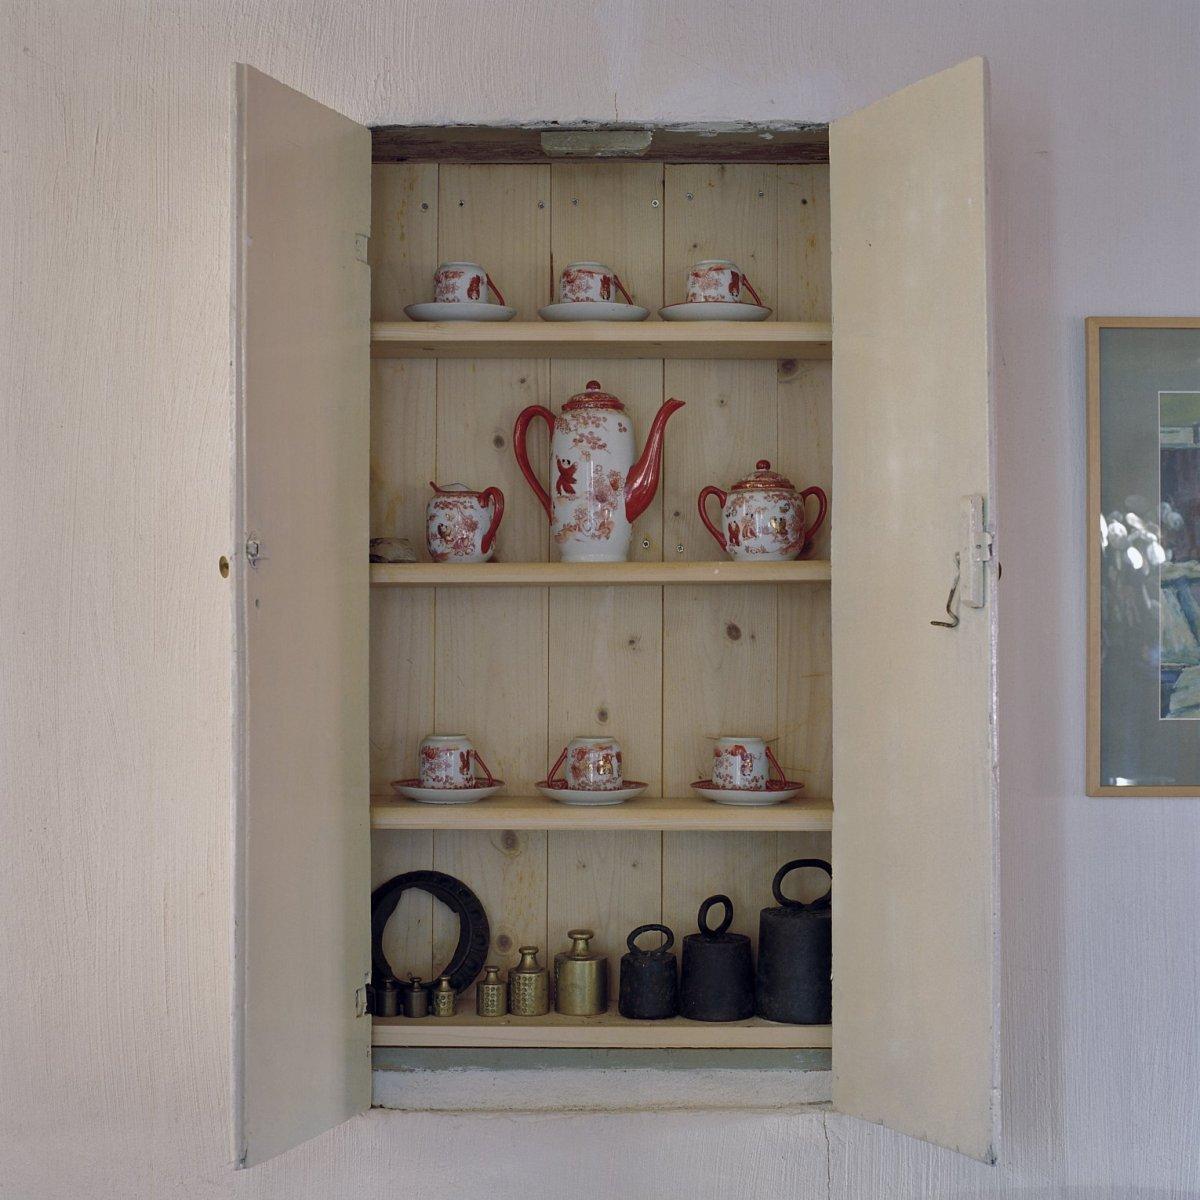 File interieur muurkast in de woonkamer niehove for Interieur woonkamer